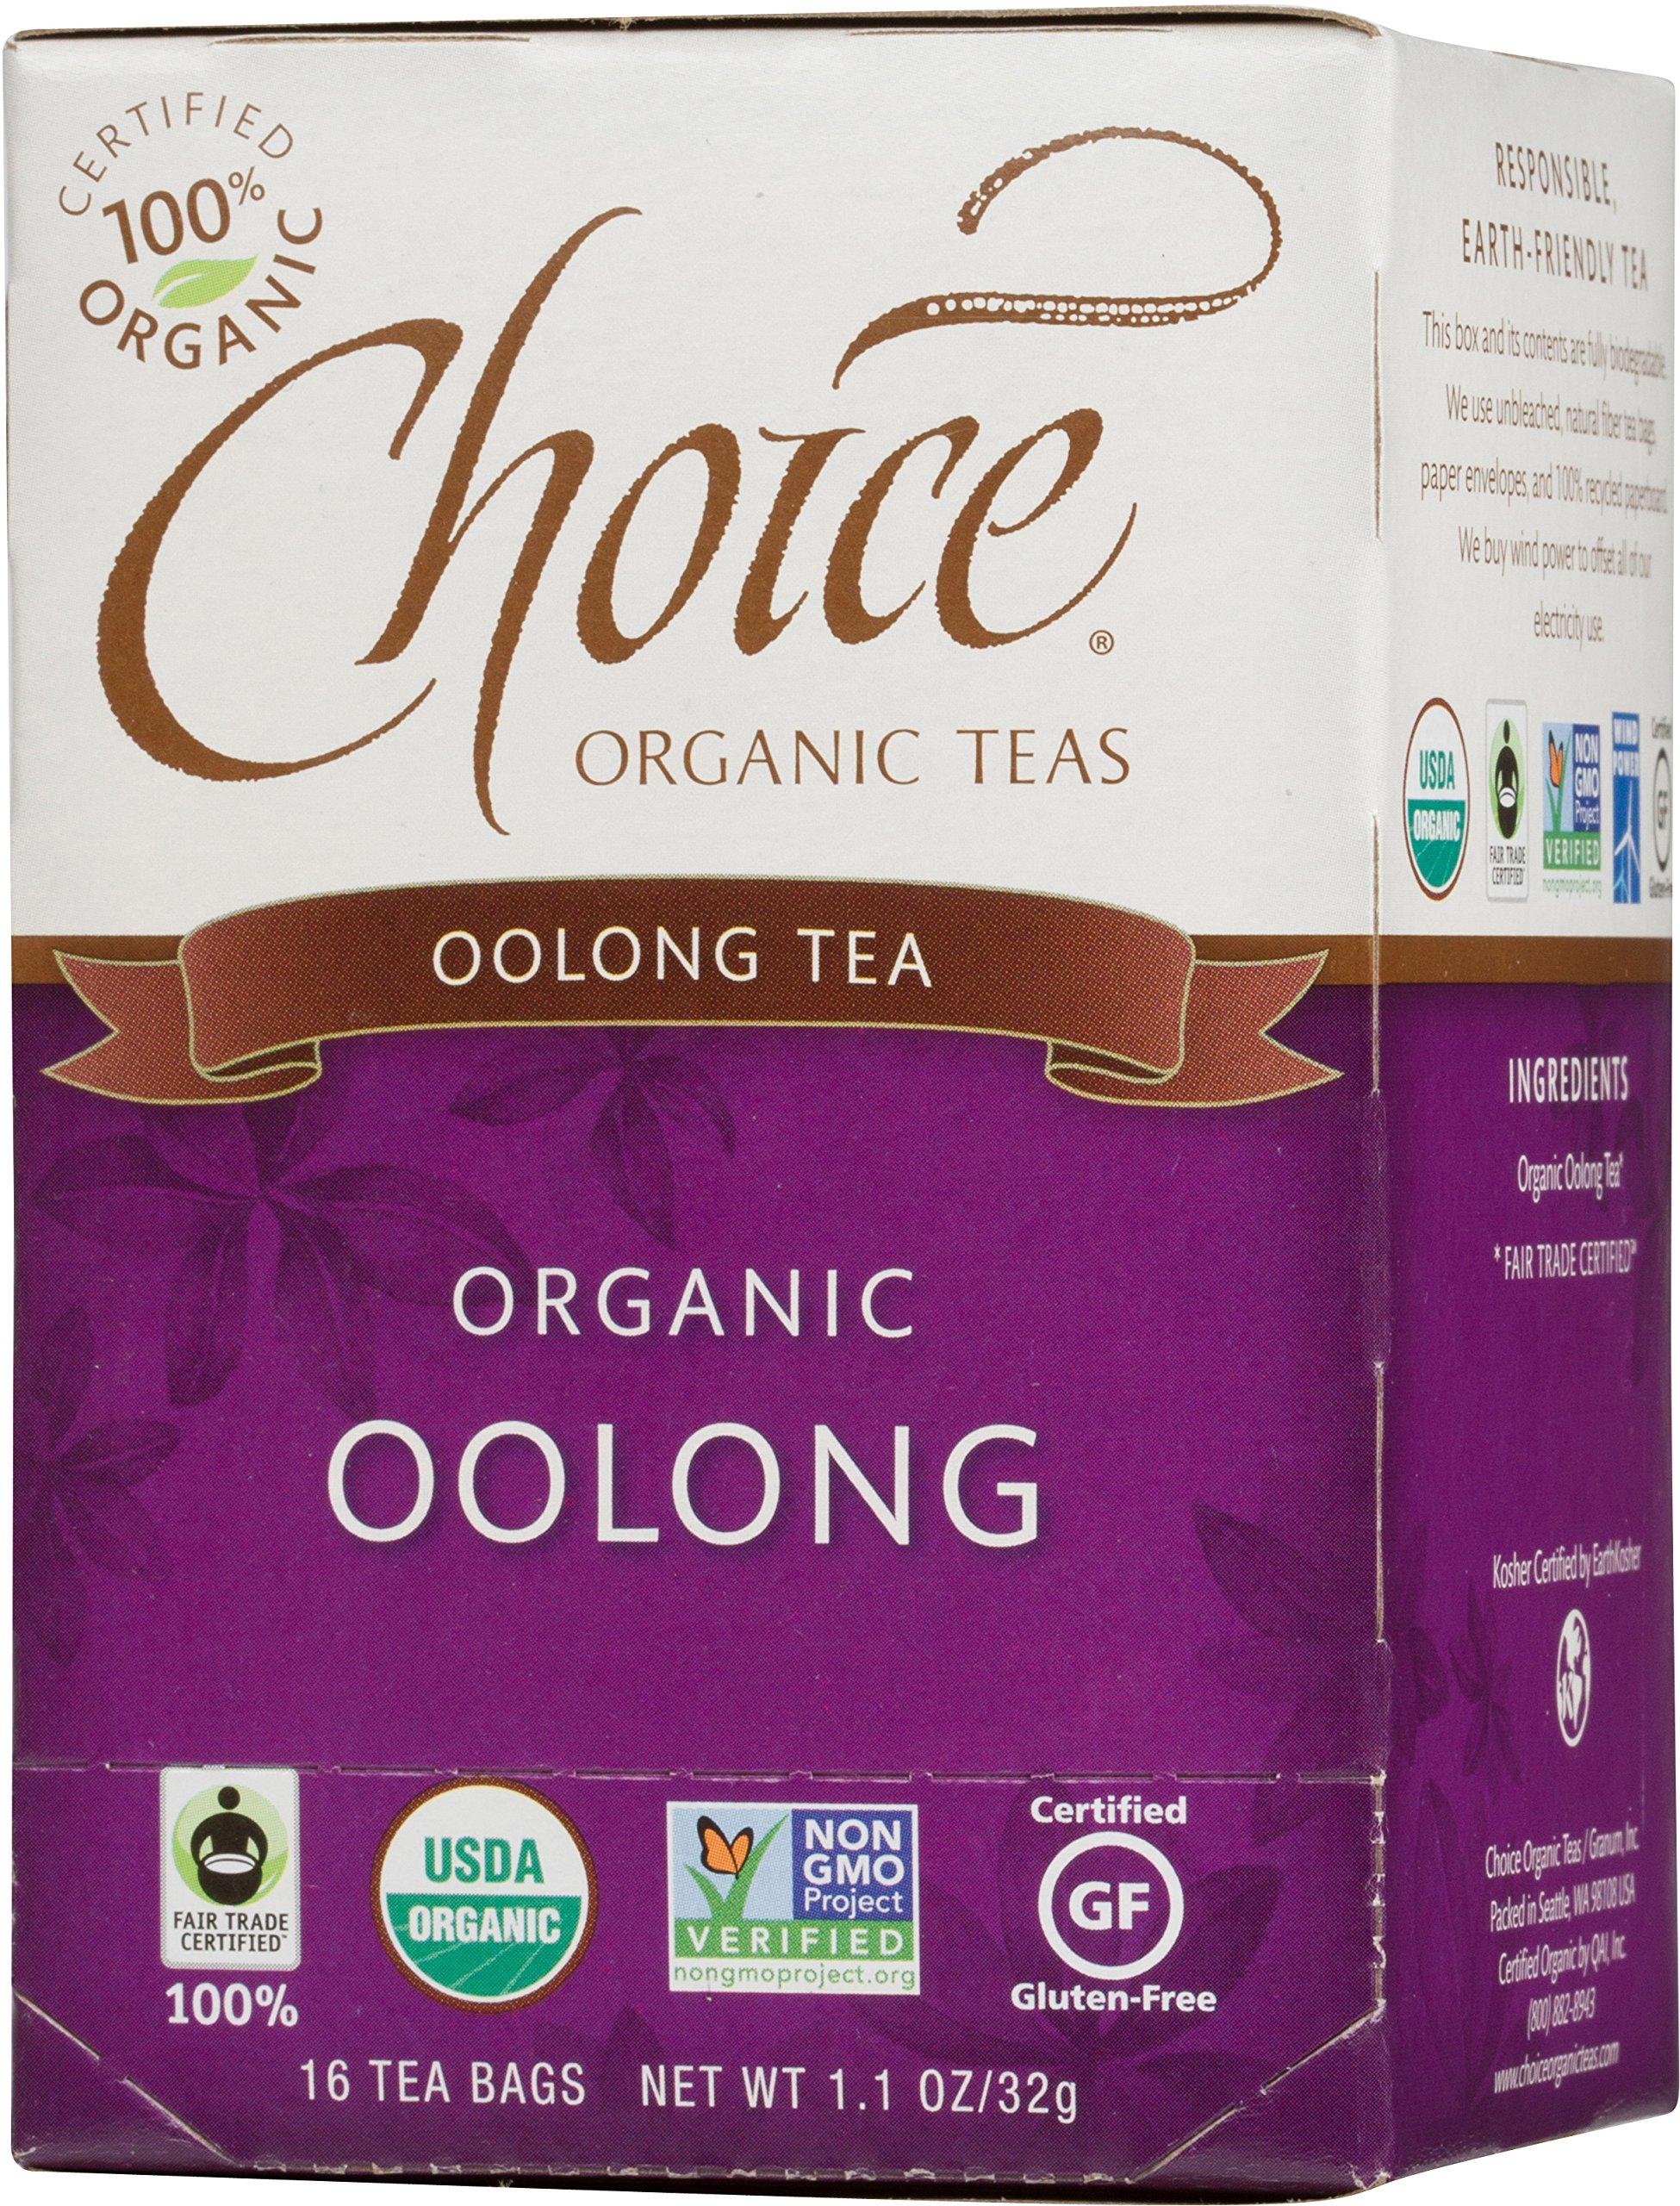 Choice Organic Teas Oolong Tea, 16 Count